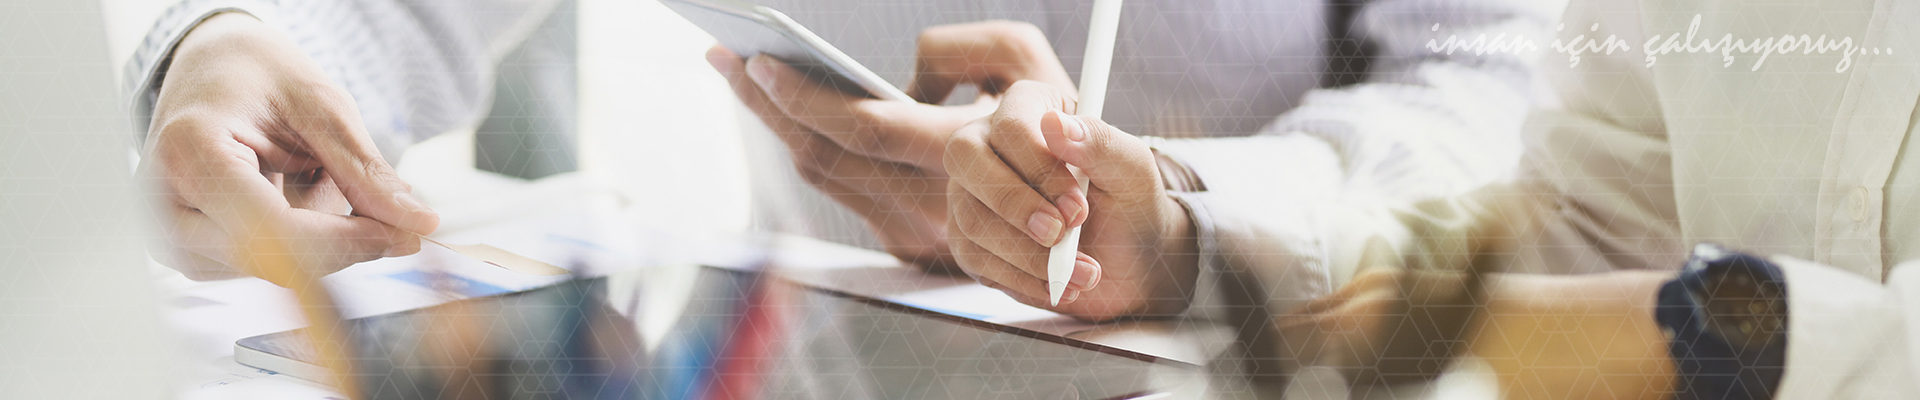 ETKB Bağlı, İlgili ve İlişkili Kuruluşlar Taşınmaz Komisyonunca MAPEG Tarafından İşlemlerinin Devam Edilmesi Uygun Bulunan Talepler Listesi (12.01.2021)